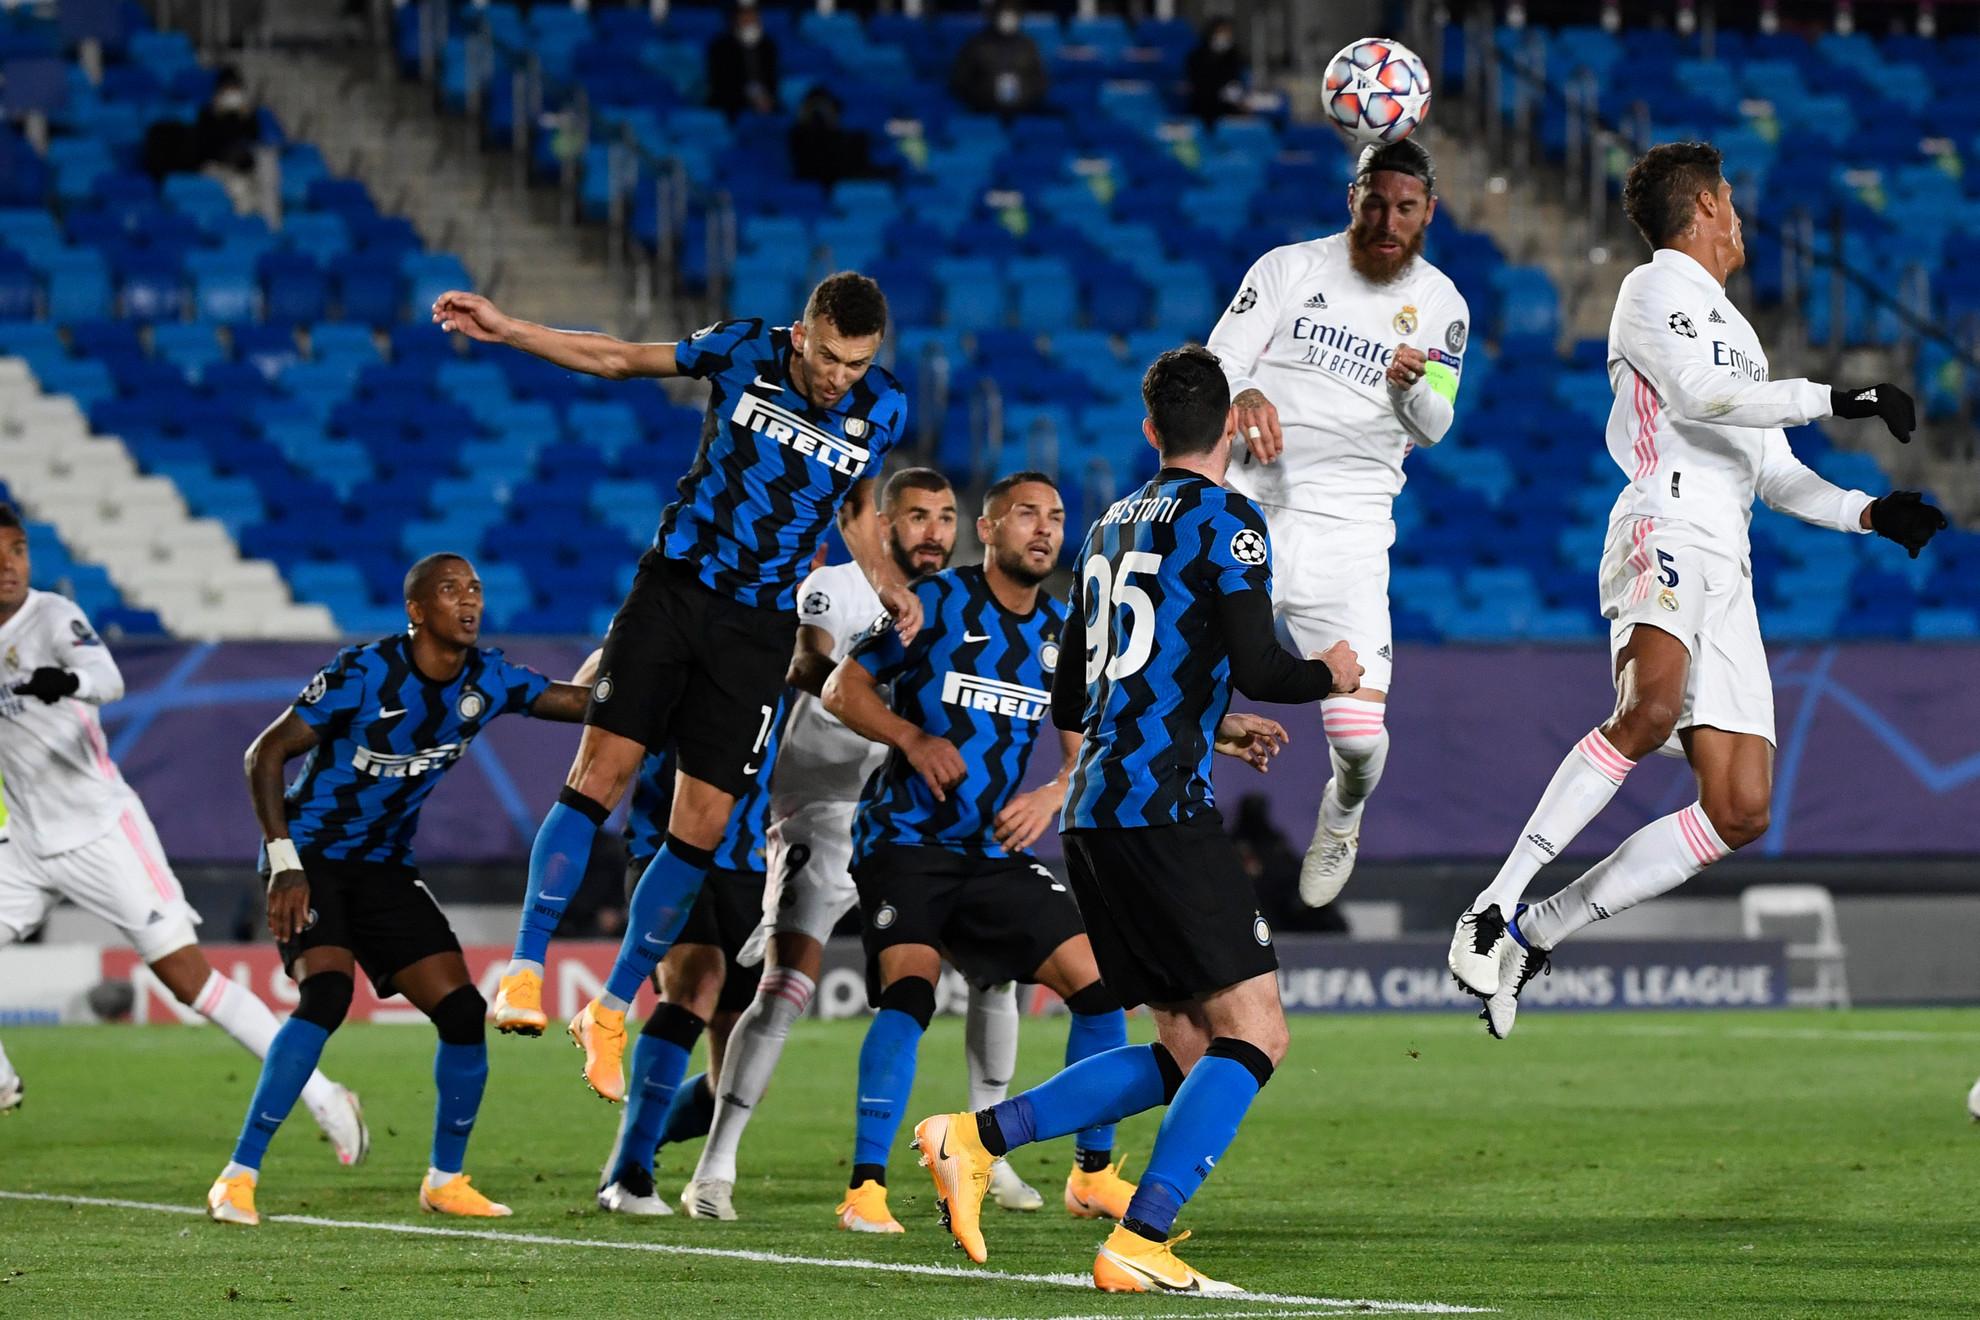 Sergio Ramos egy emelettel az Inter védelme fölött. Az olaszok elleni fejesgóljával századik találatát szerezte a hátvéd a Real Madrid színeiben